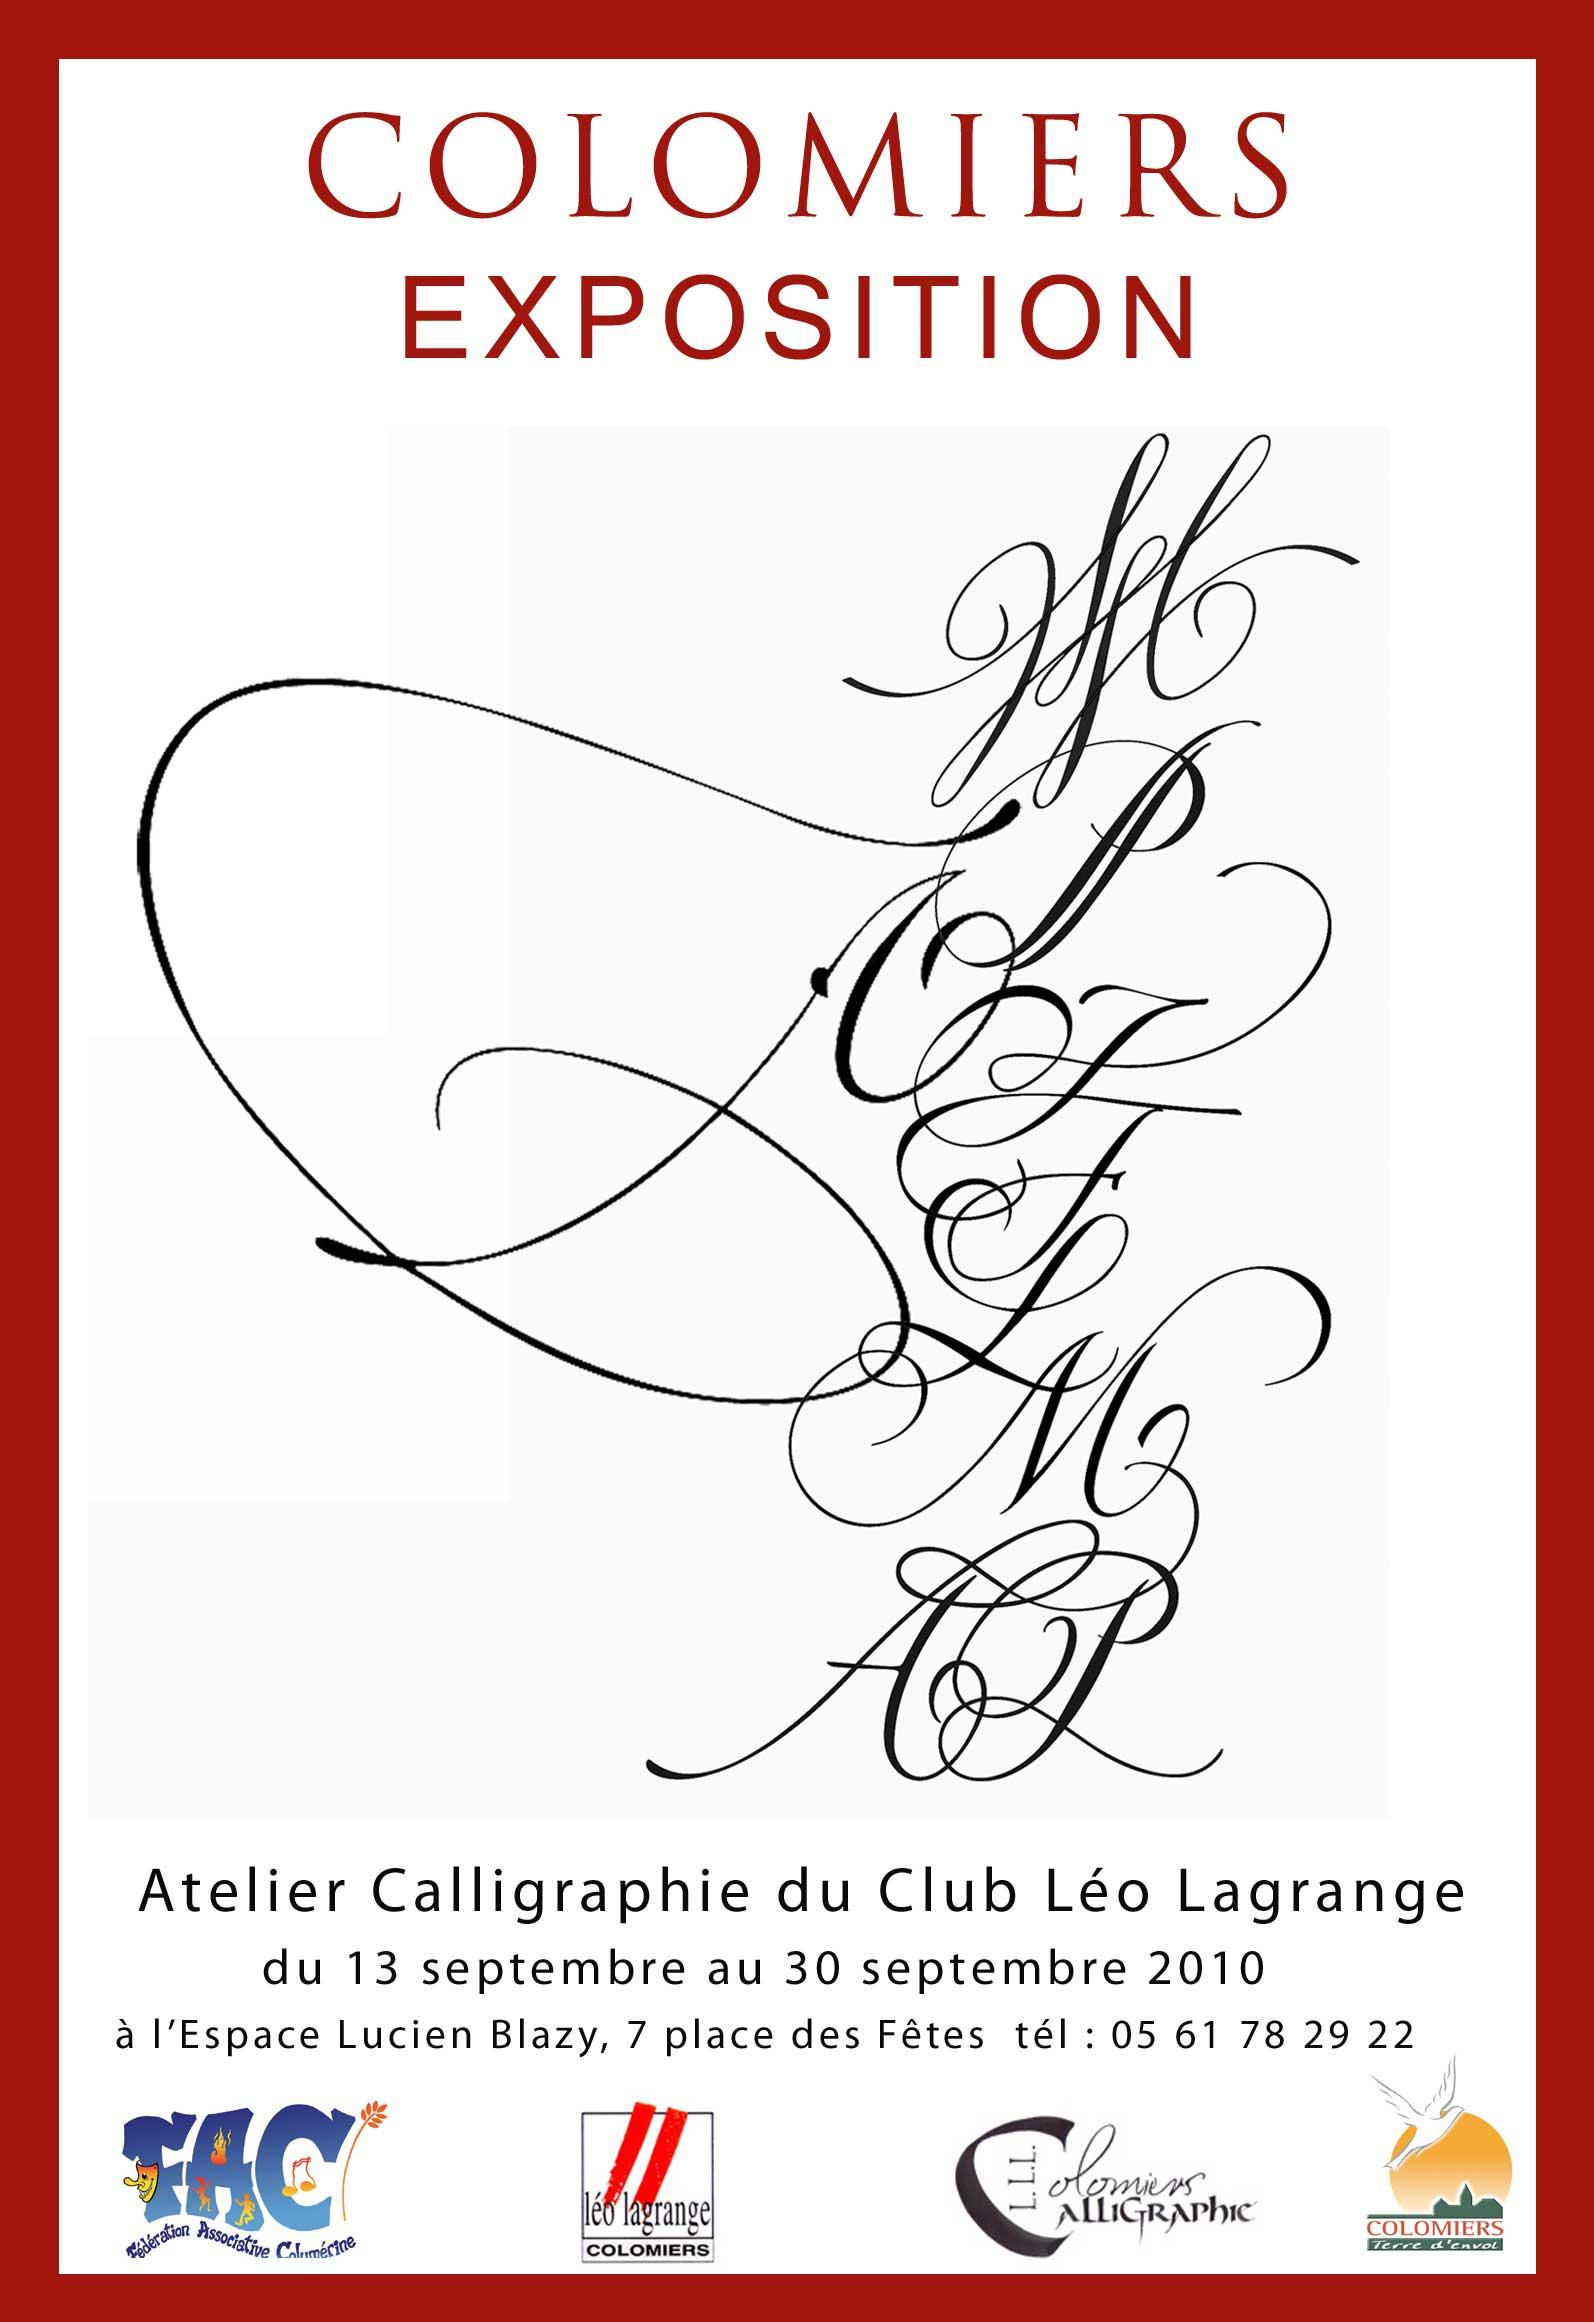 apprendre-la-calligraphie-toulouse-colomiers